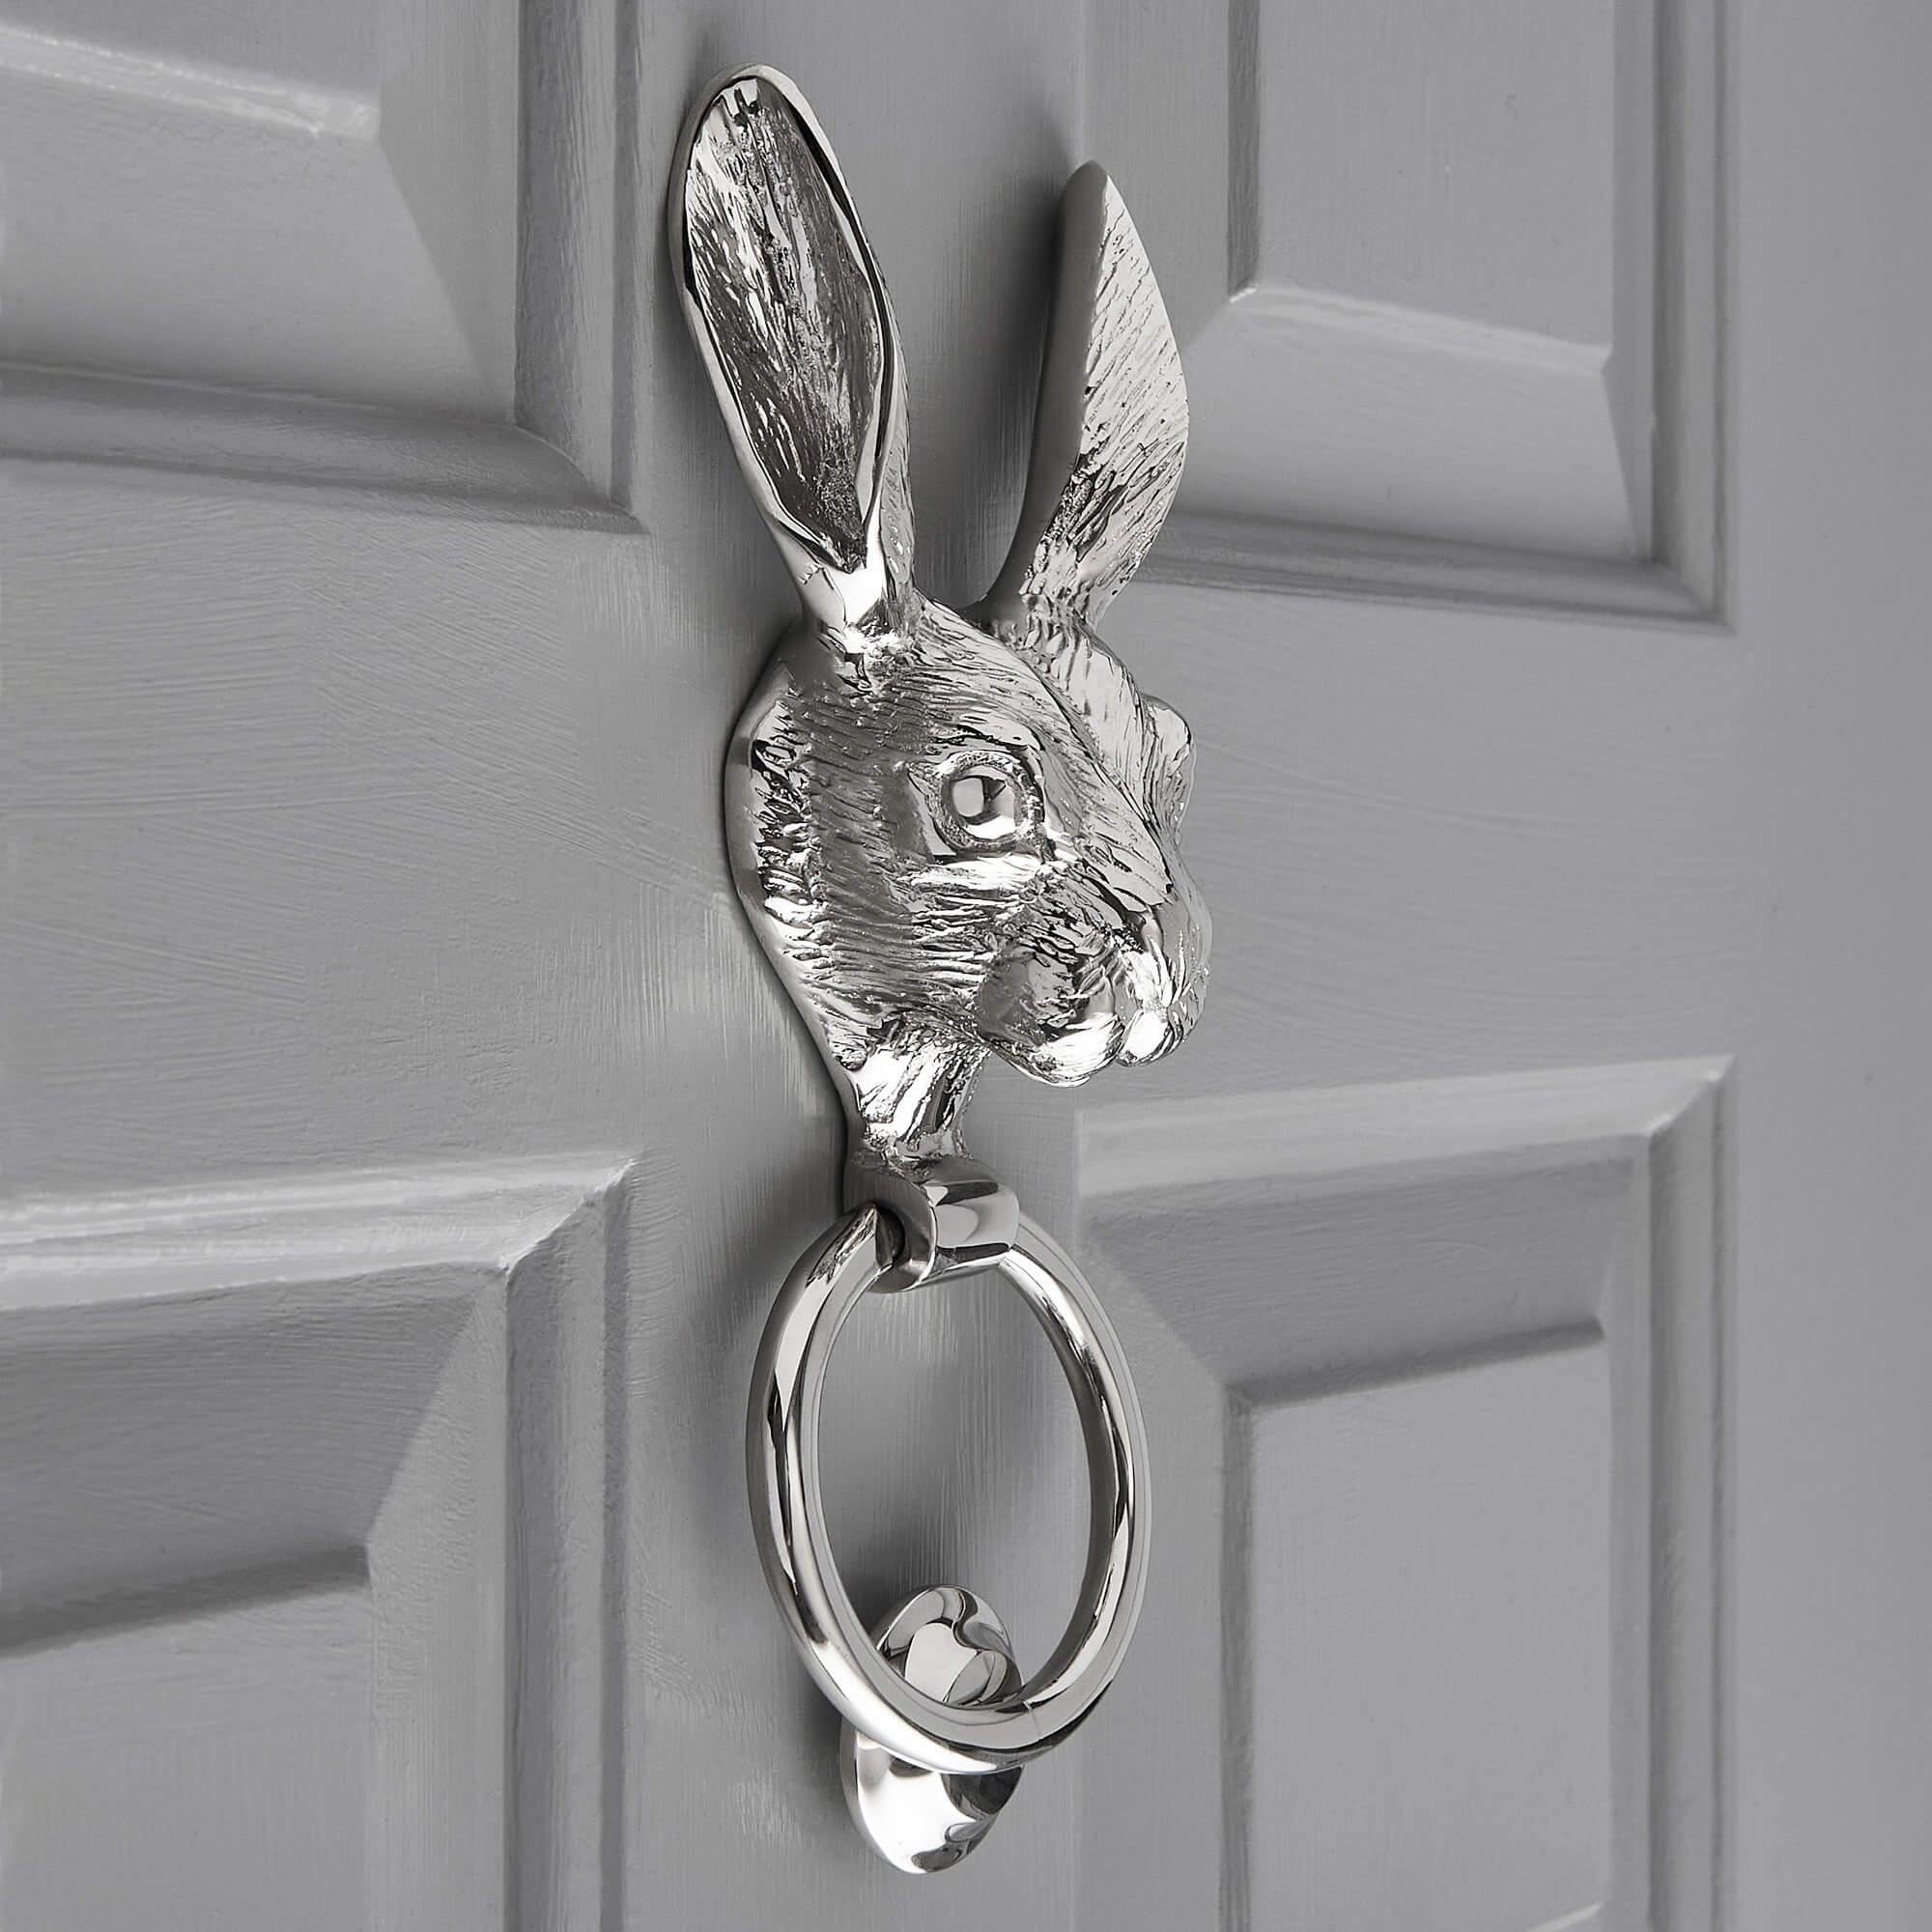 Hare Door Knocker - Nickel